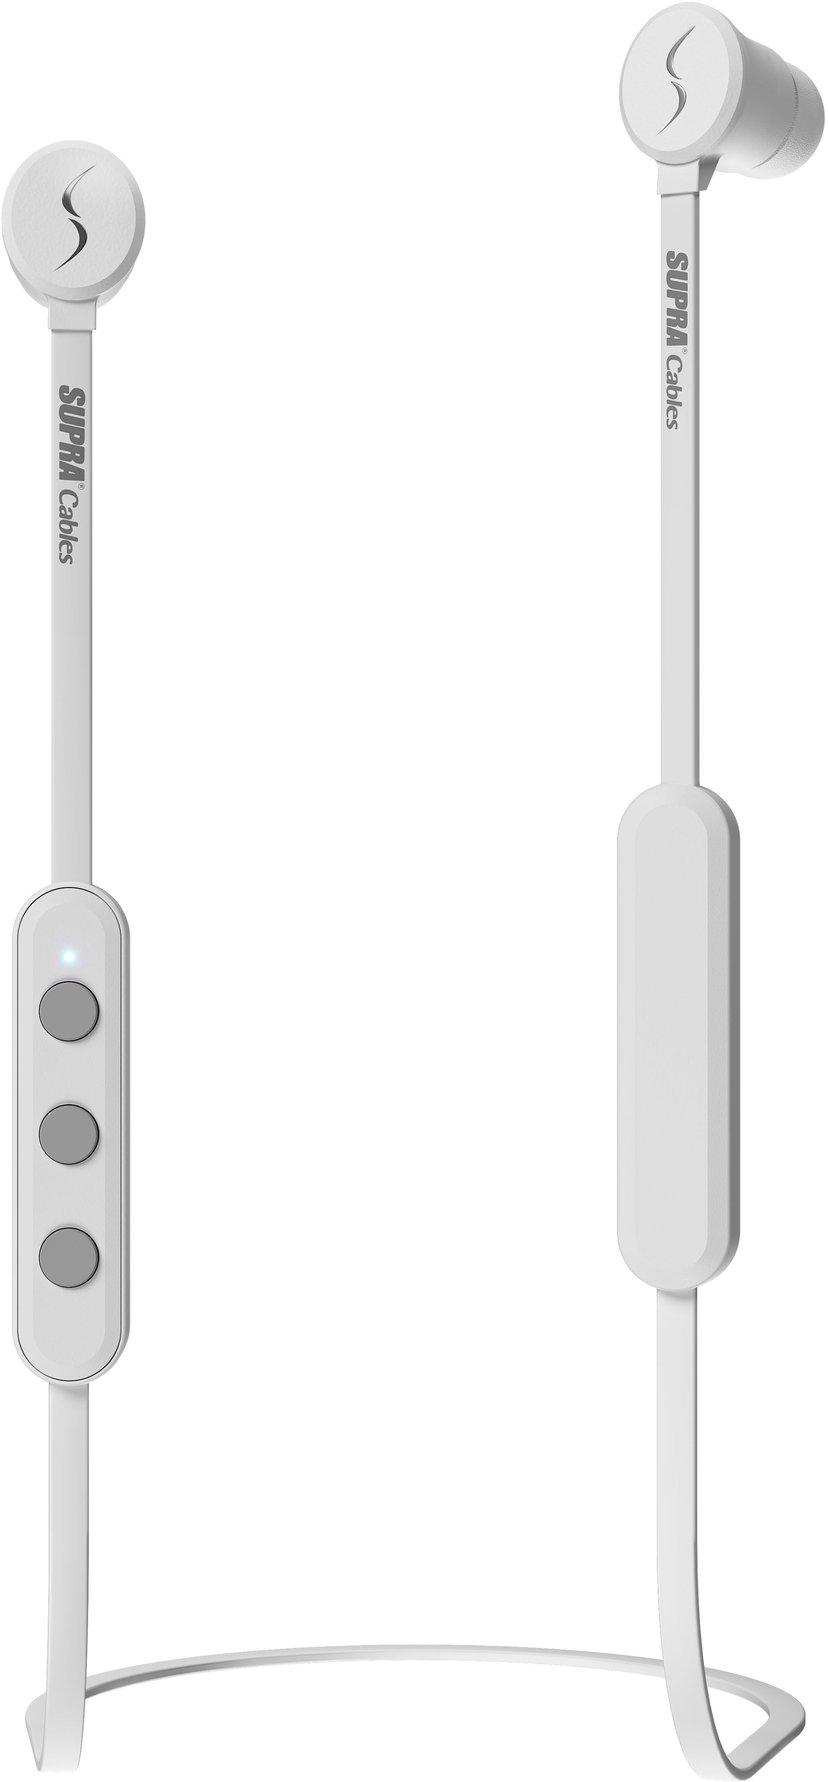 Jenving Supra Zero-X Wireless In-Ear